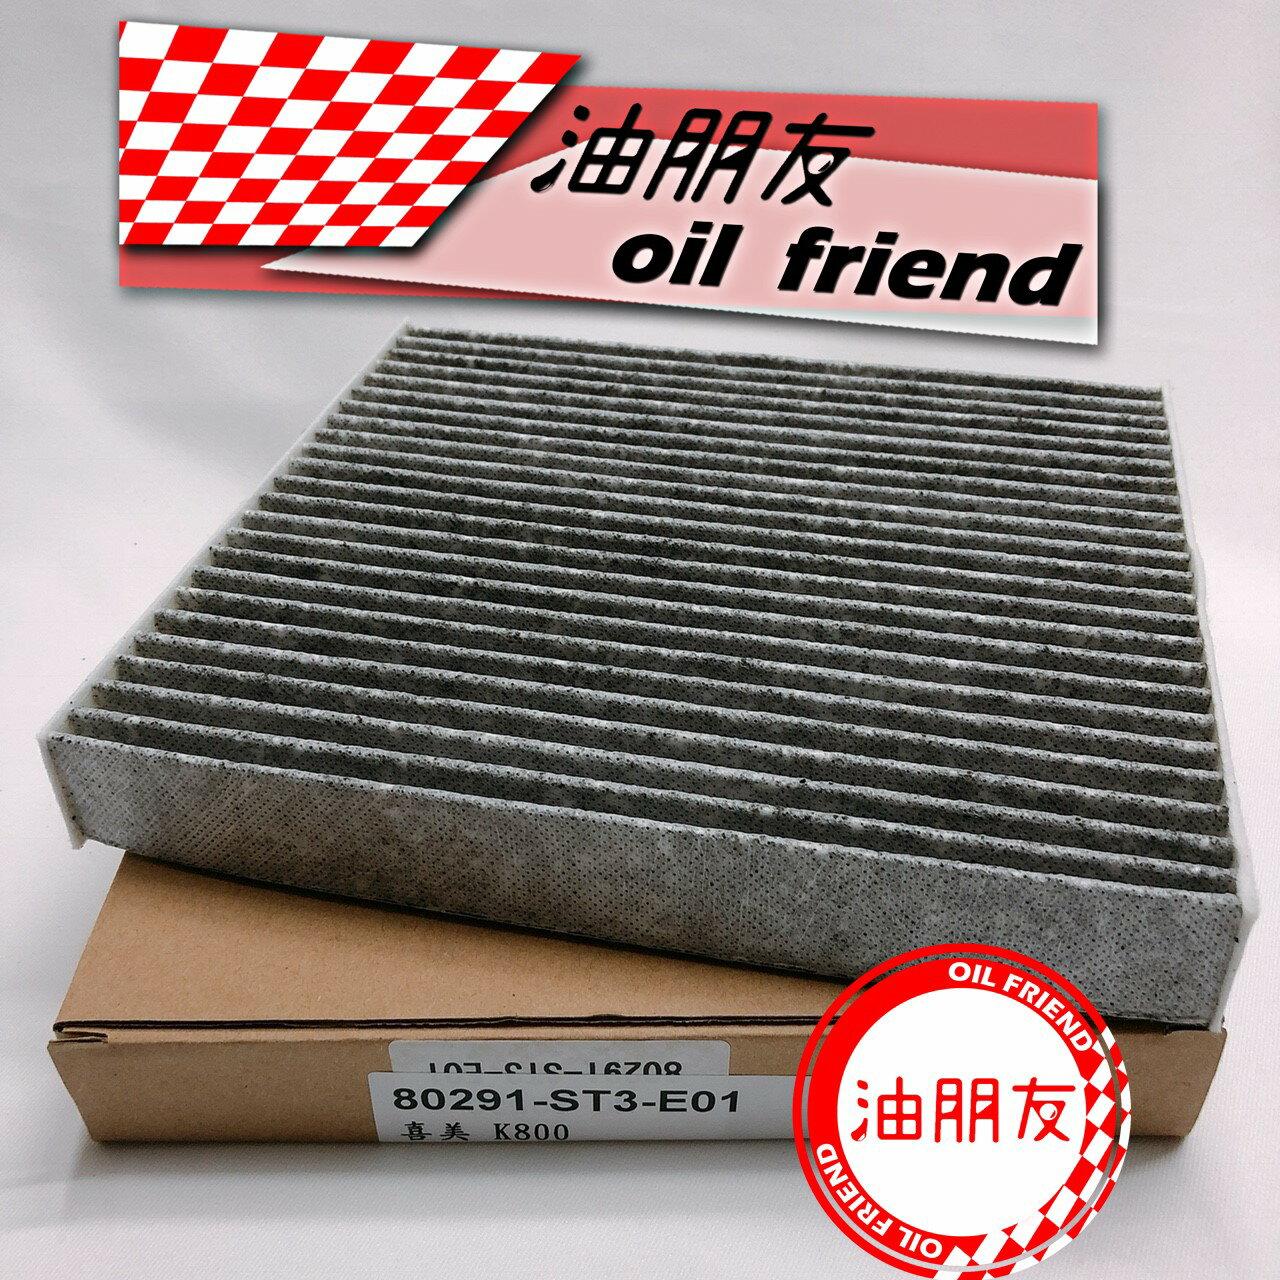 -油朋友- 本田 HONDA 喜美 K8 98-02 冷氣濾網 冷氣濾芯 冷氣芯 空調濾網 活性碳